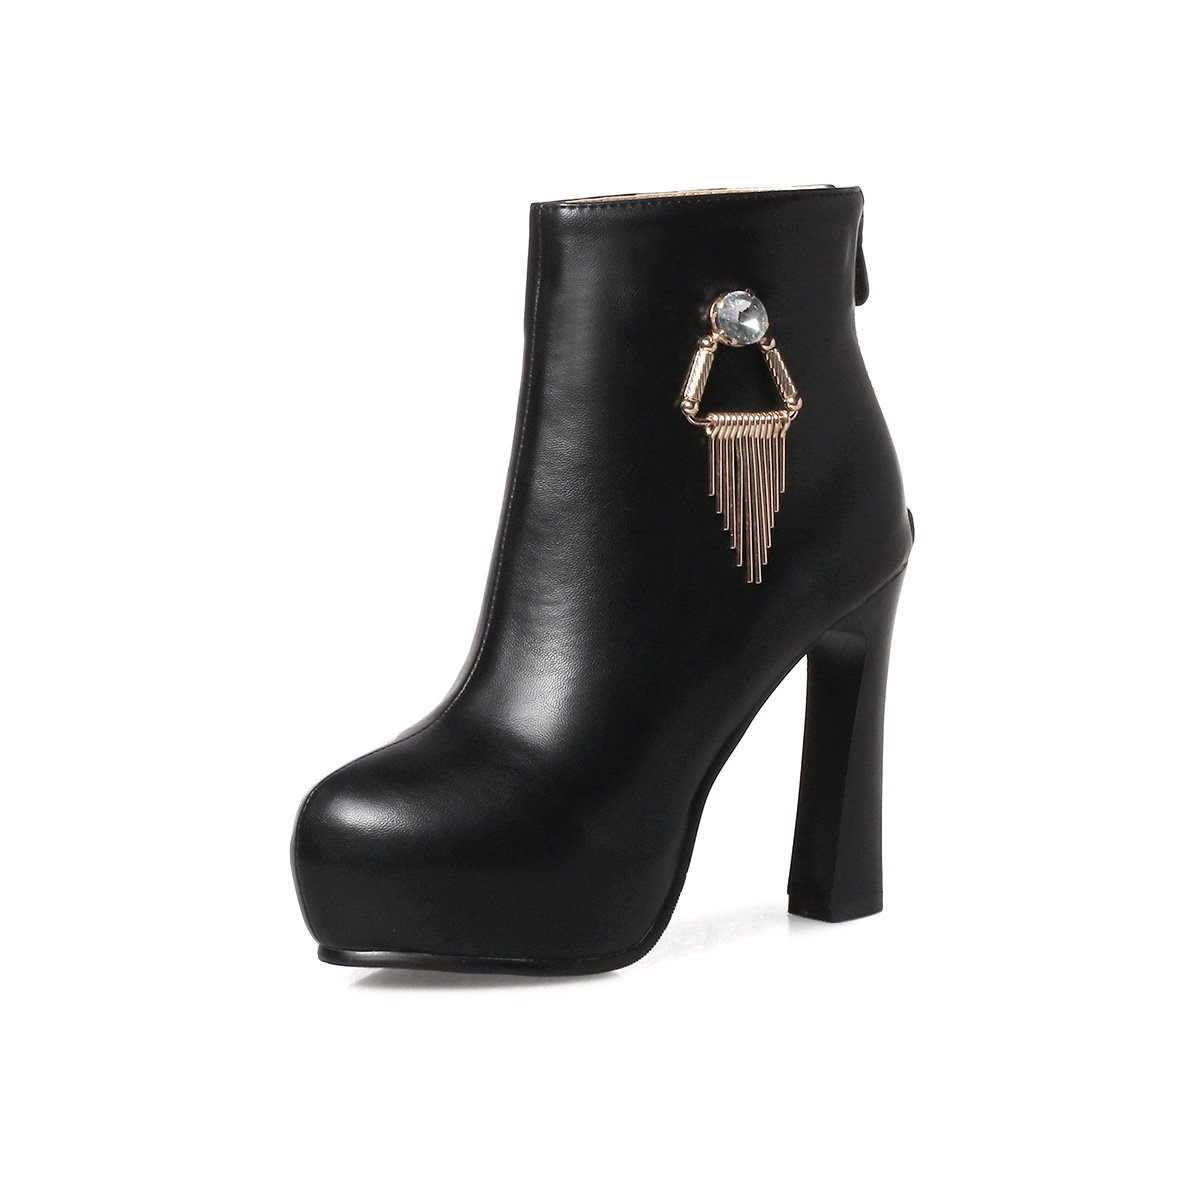 - DYF Chaussures Botte Courte Bold Fond épais en Métal Strass Talon Haut,noir,36